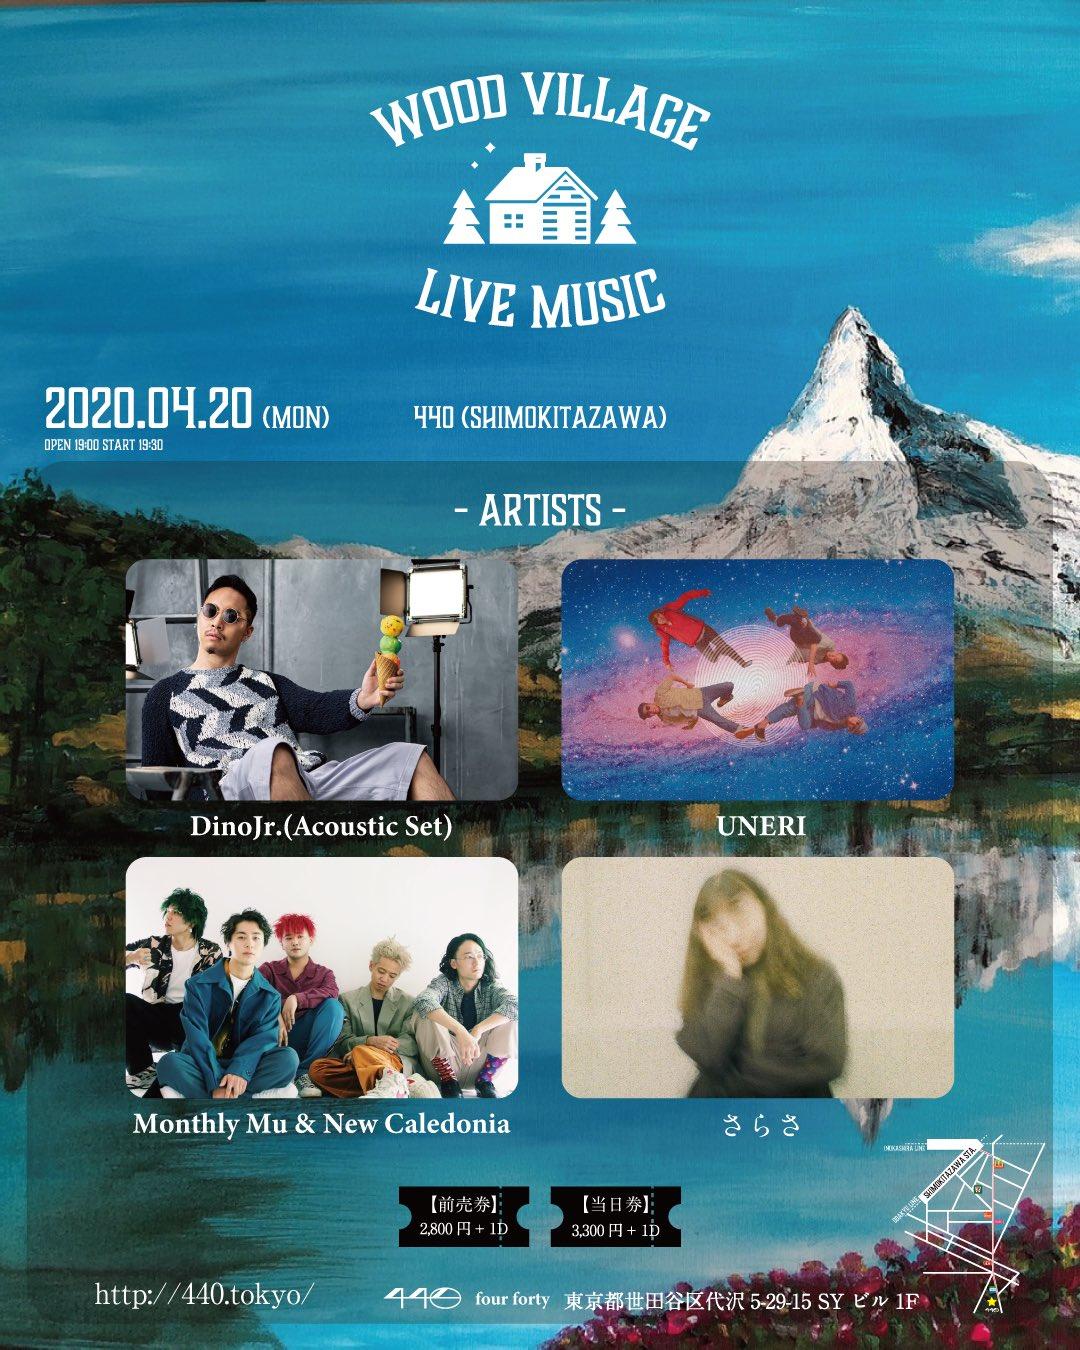 【公演中止】『Wood Village LIVE MUSIC』